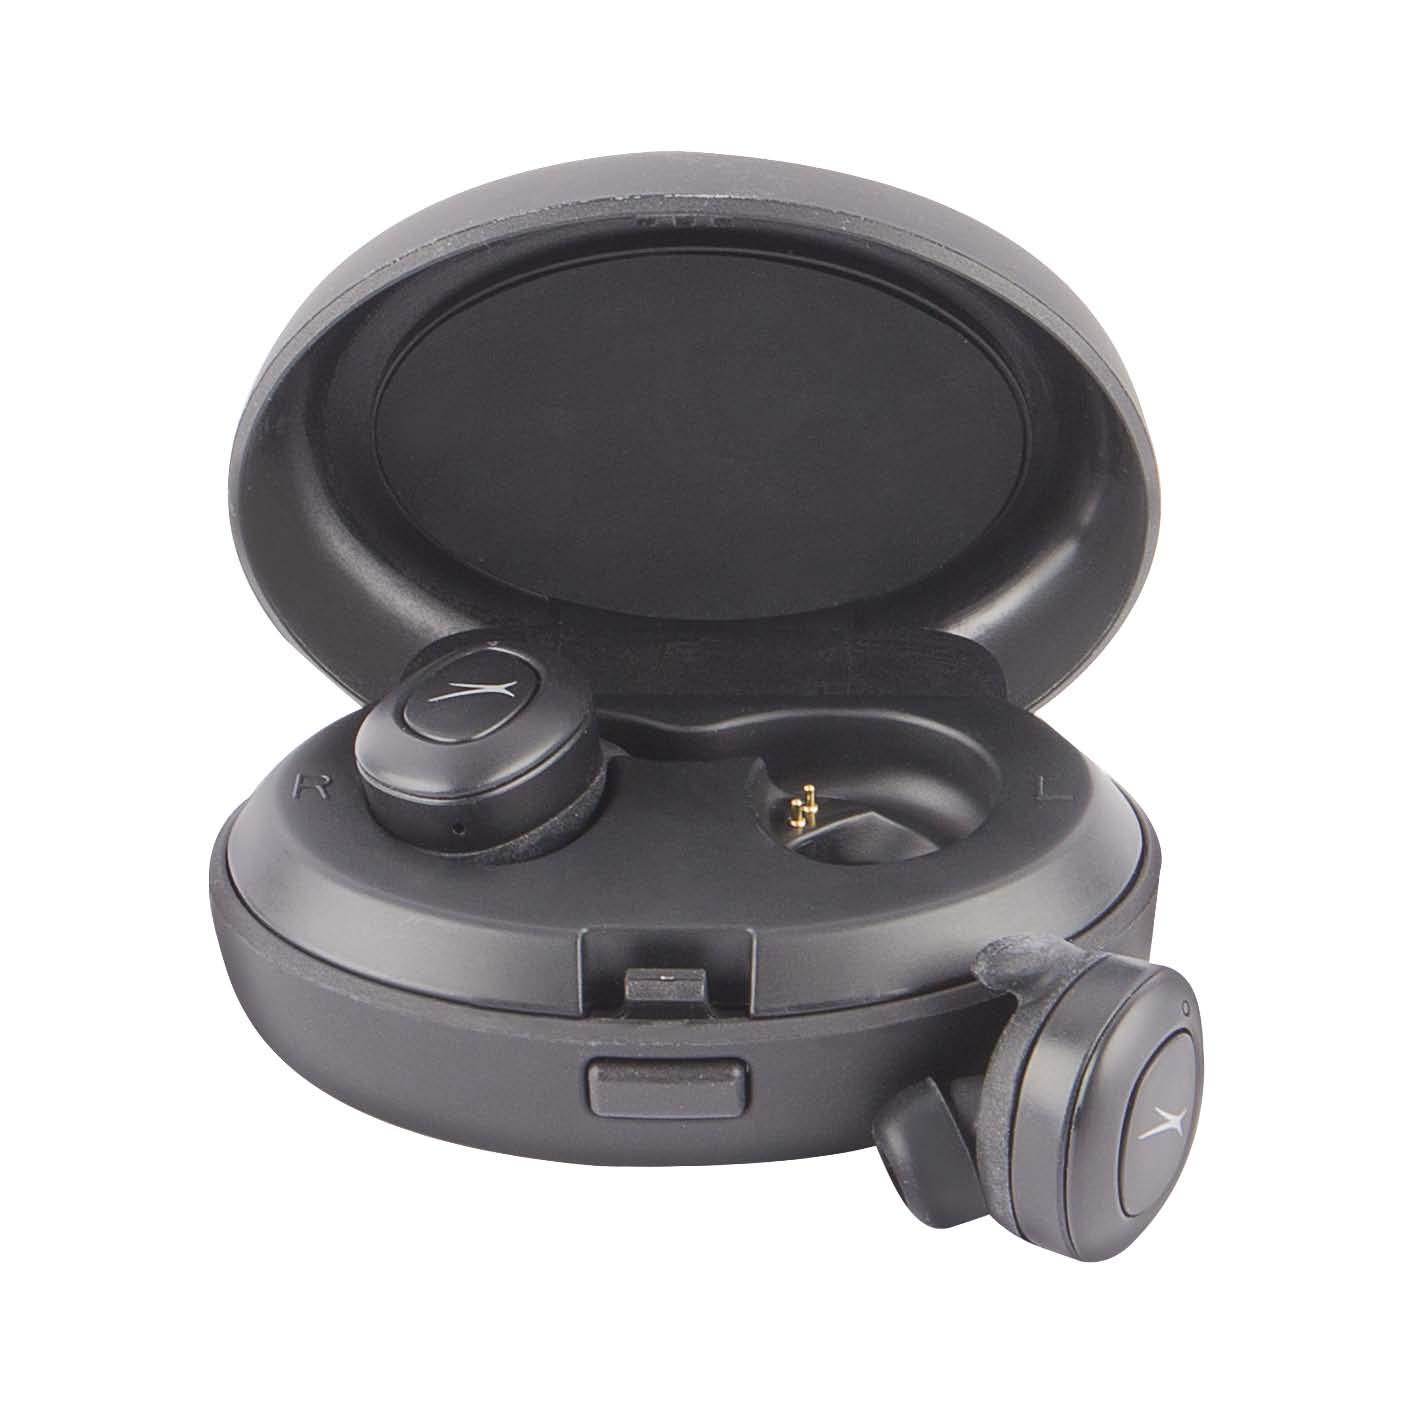 Altec Lansing True EVO Wireless Earbuds2.jpg